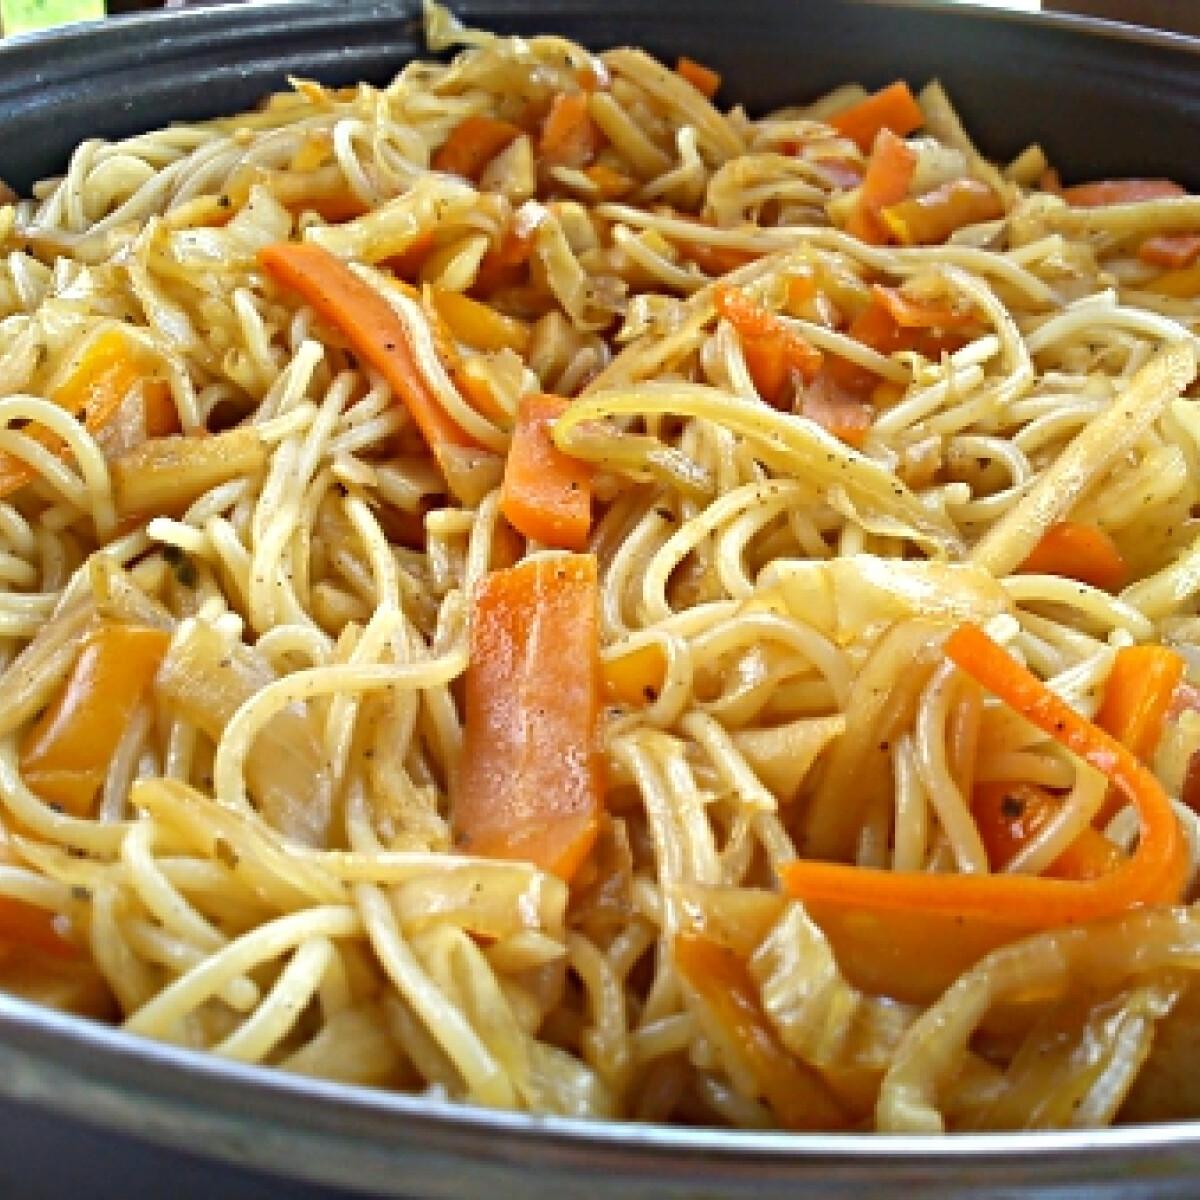 Ezen a képen: Zöldséges spagetti Miss Sweetly konyhájából